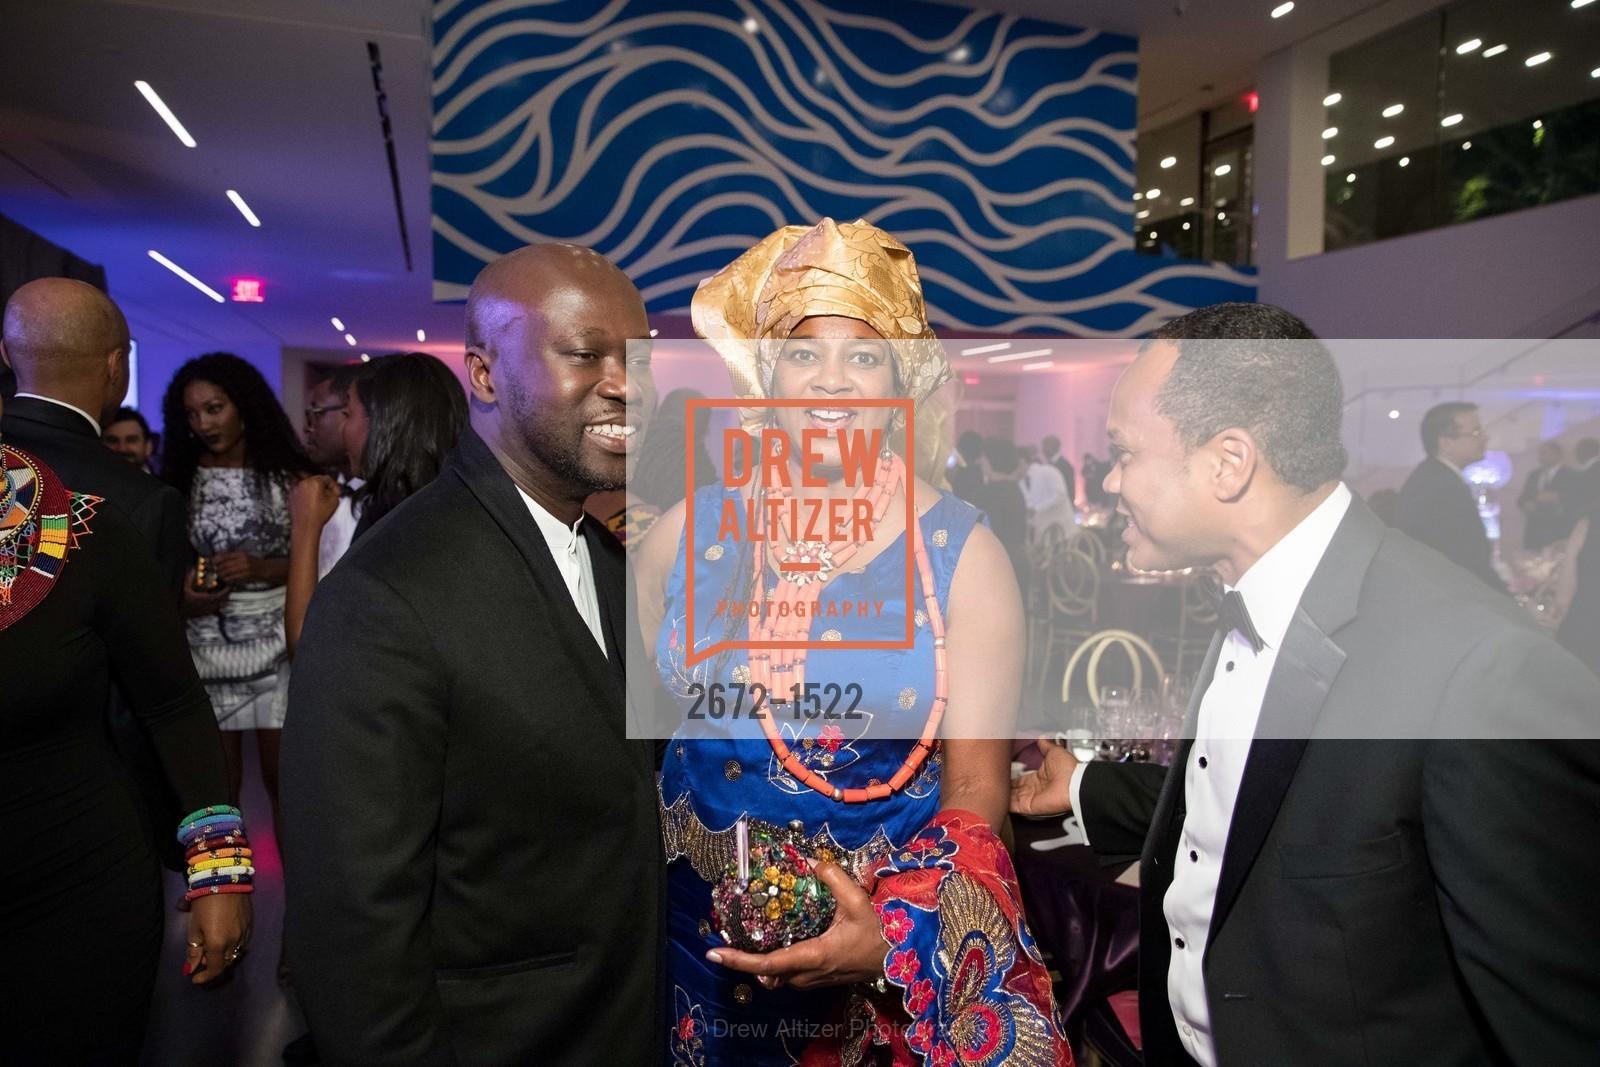 David Adjaye, Vicki Hughes, Photo #2672-1522